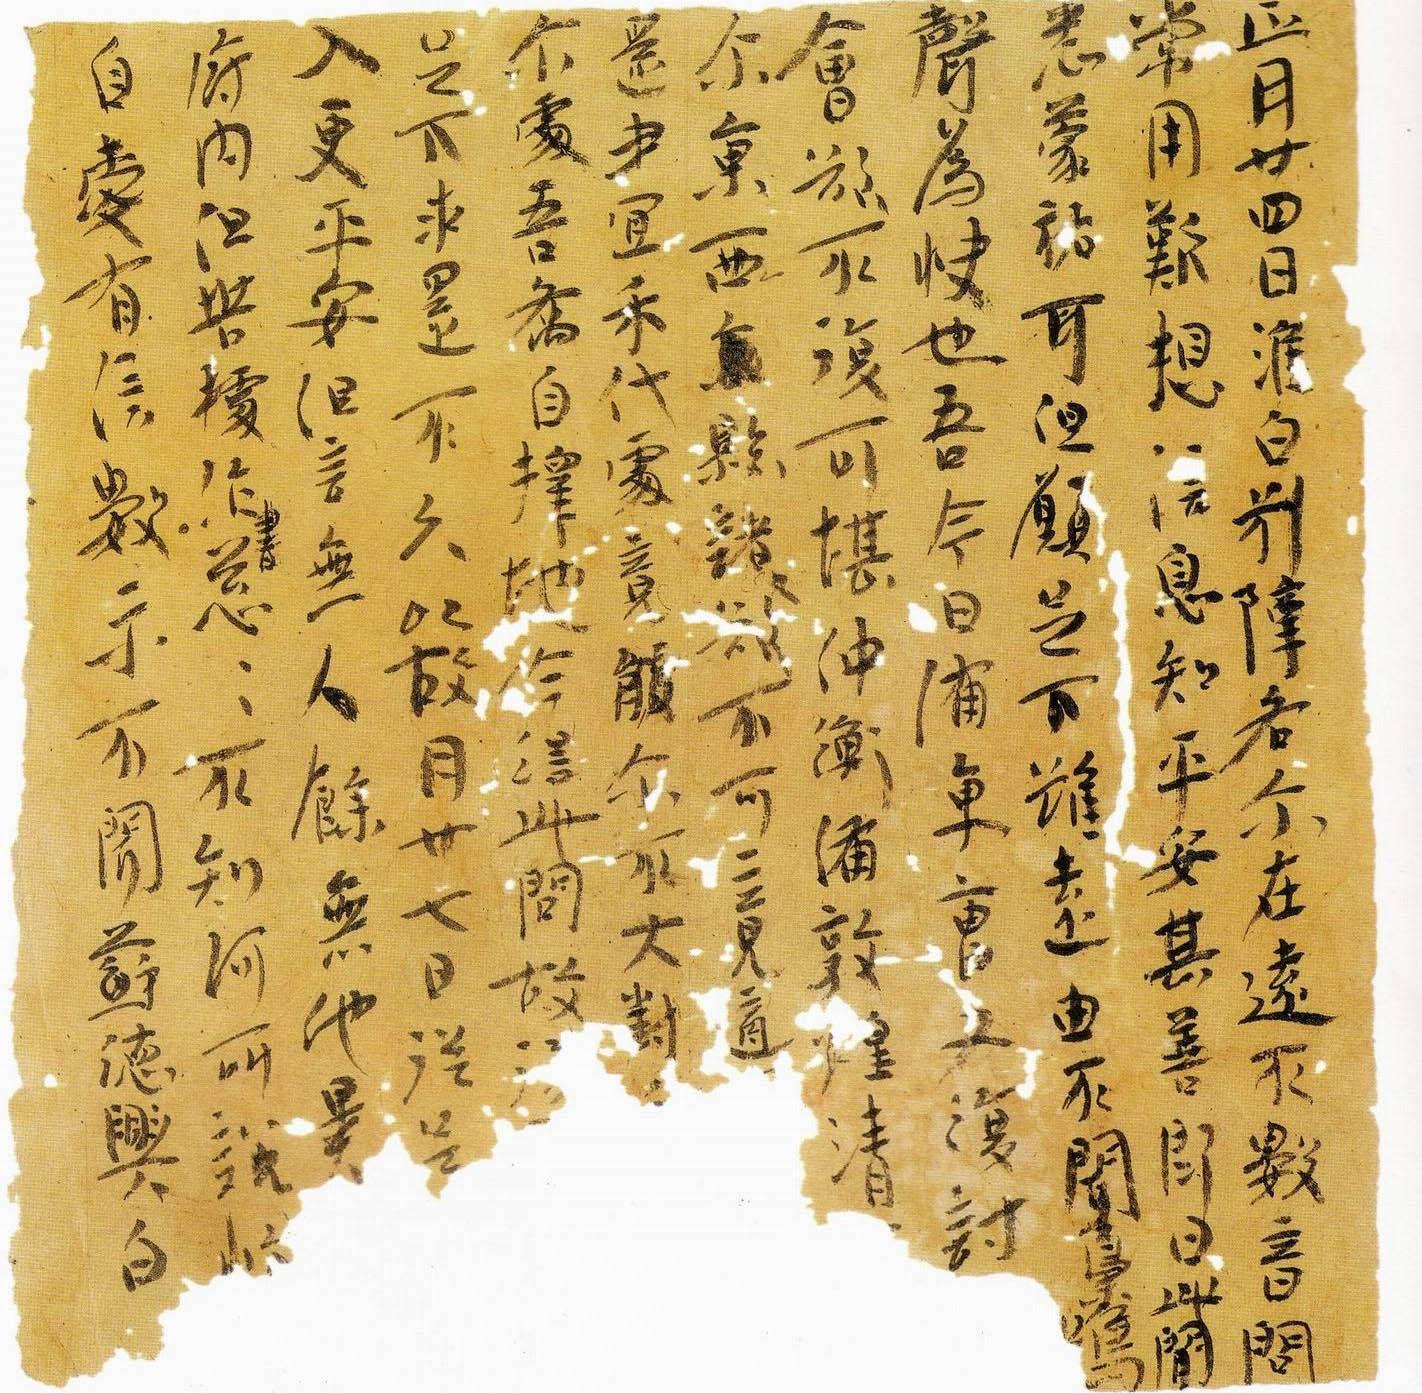 书法的演变,北魏各民族的融合及